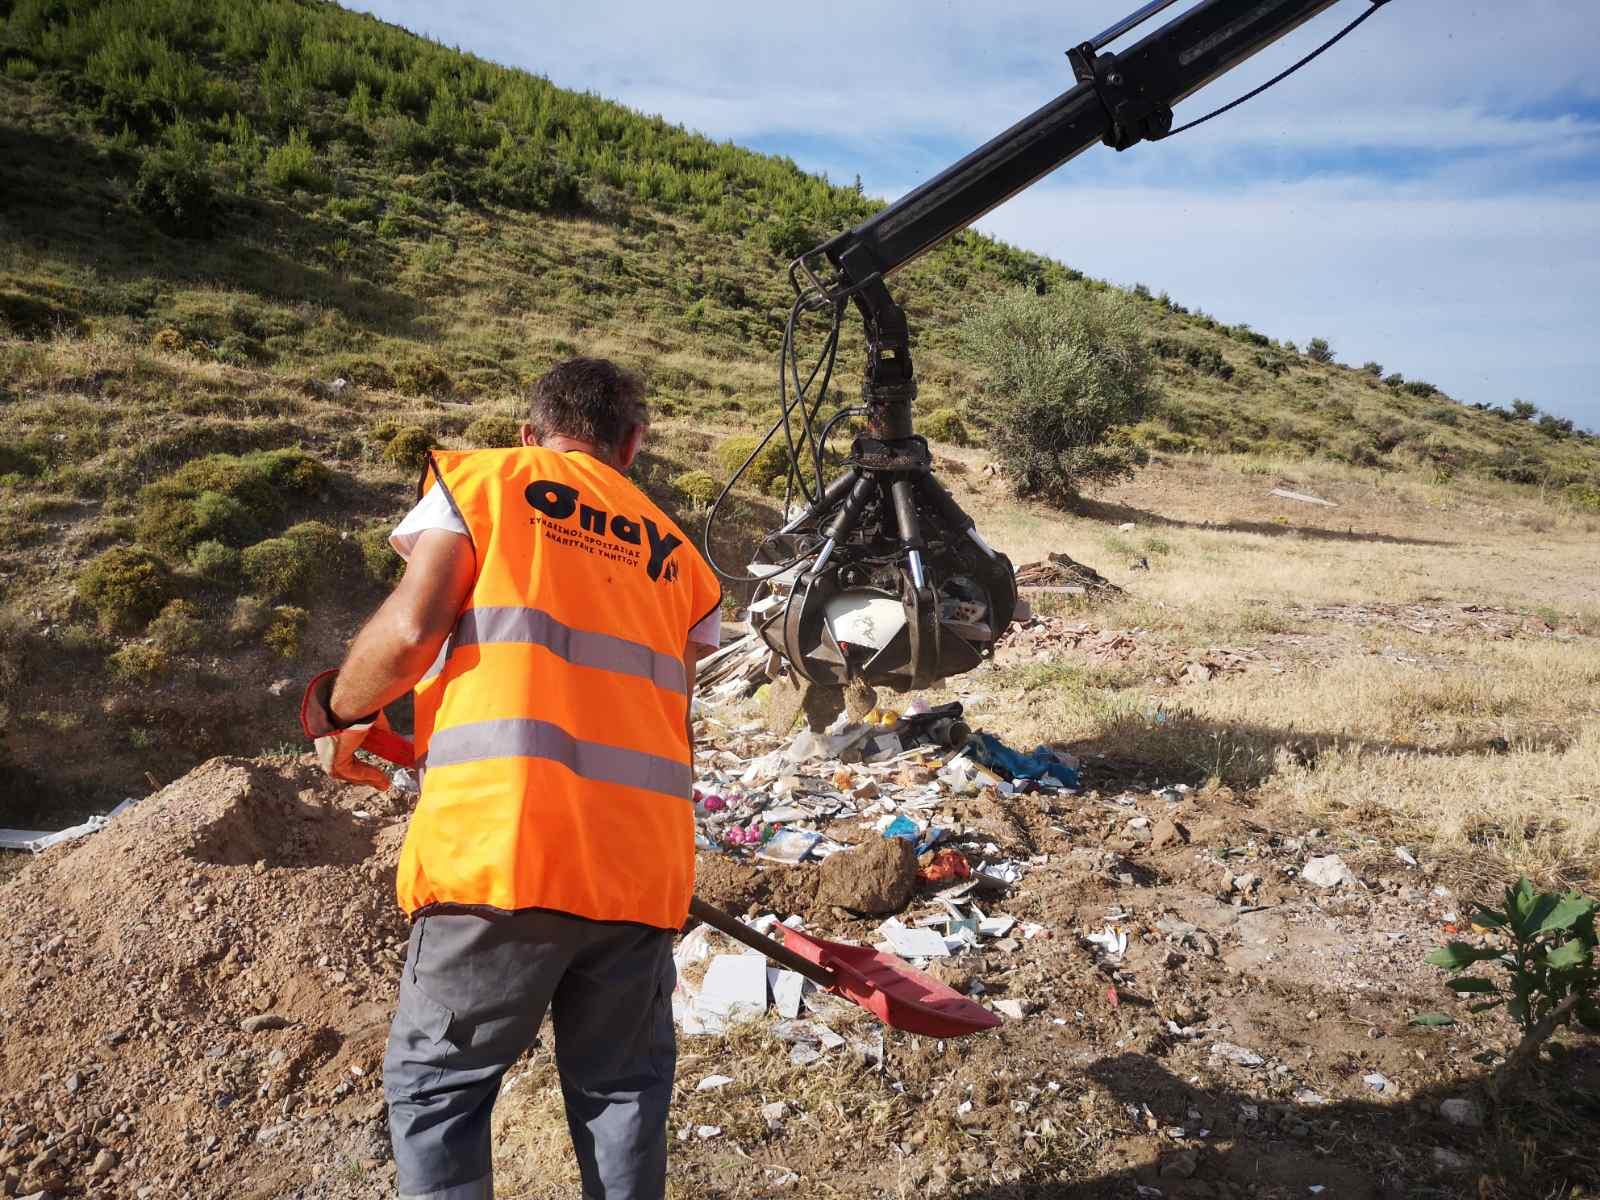 Καθαρίζεται η αναδασωμένη περιοχή του Υμηττού από μπάζα, σκουπίδια και εύφλεκτα αντικείμενα